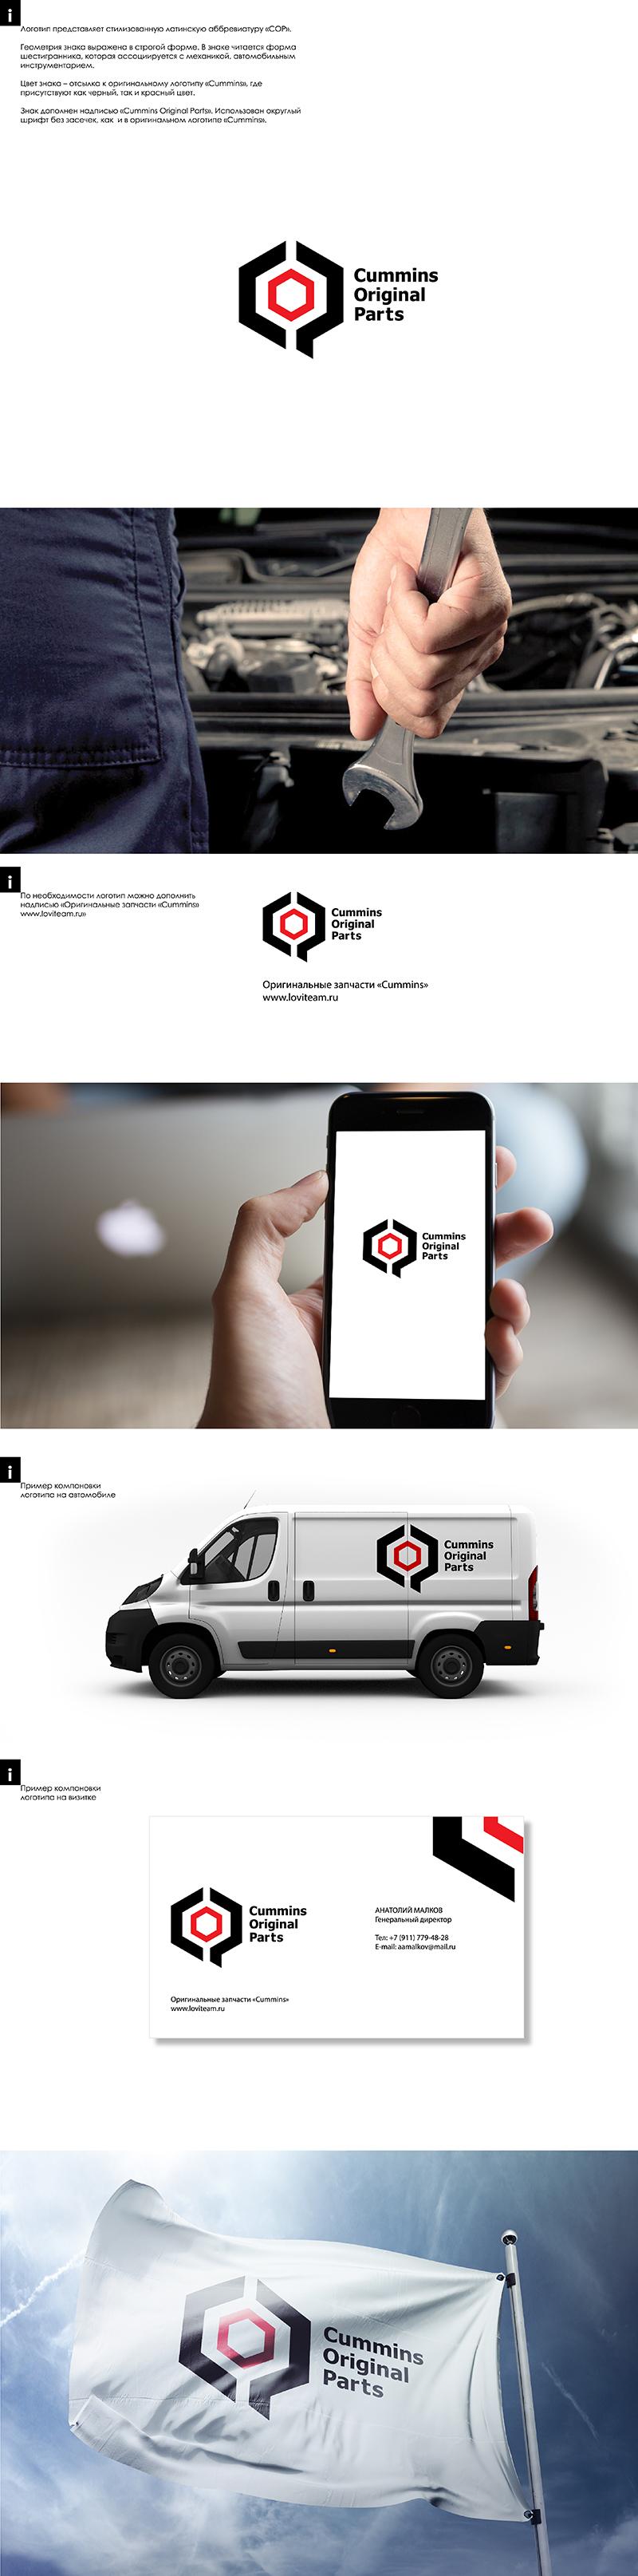 Логотип и фирменный стиль для автомобильной компании